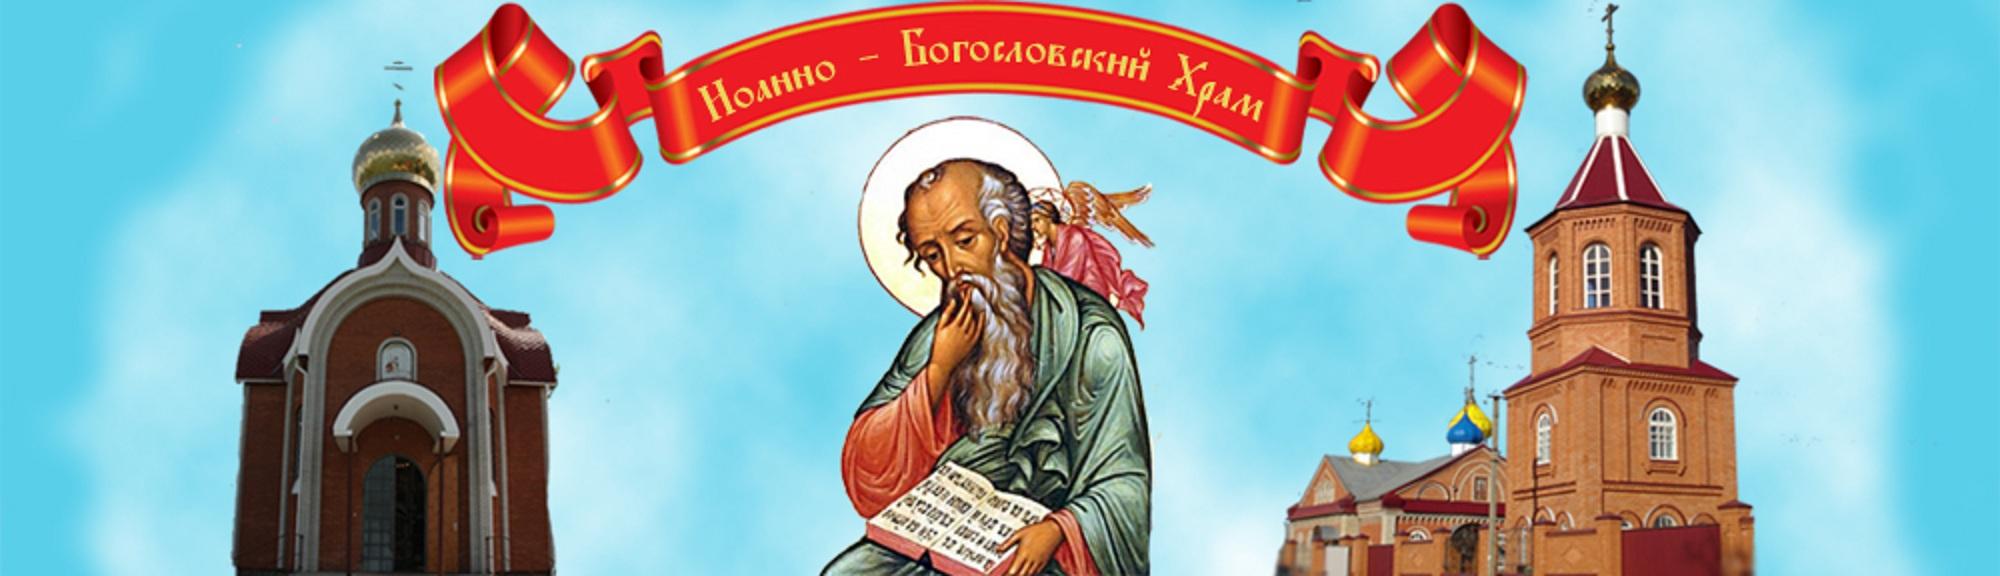 Храм Святого апостола и Евангелиста Иоанна Богослова г. Новокубанск